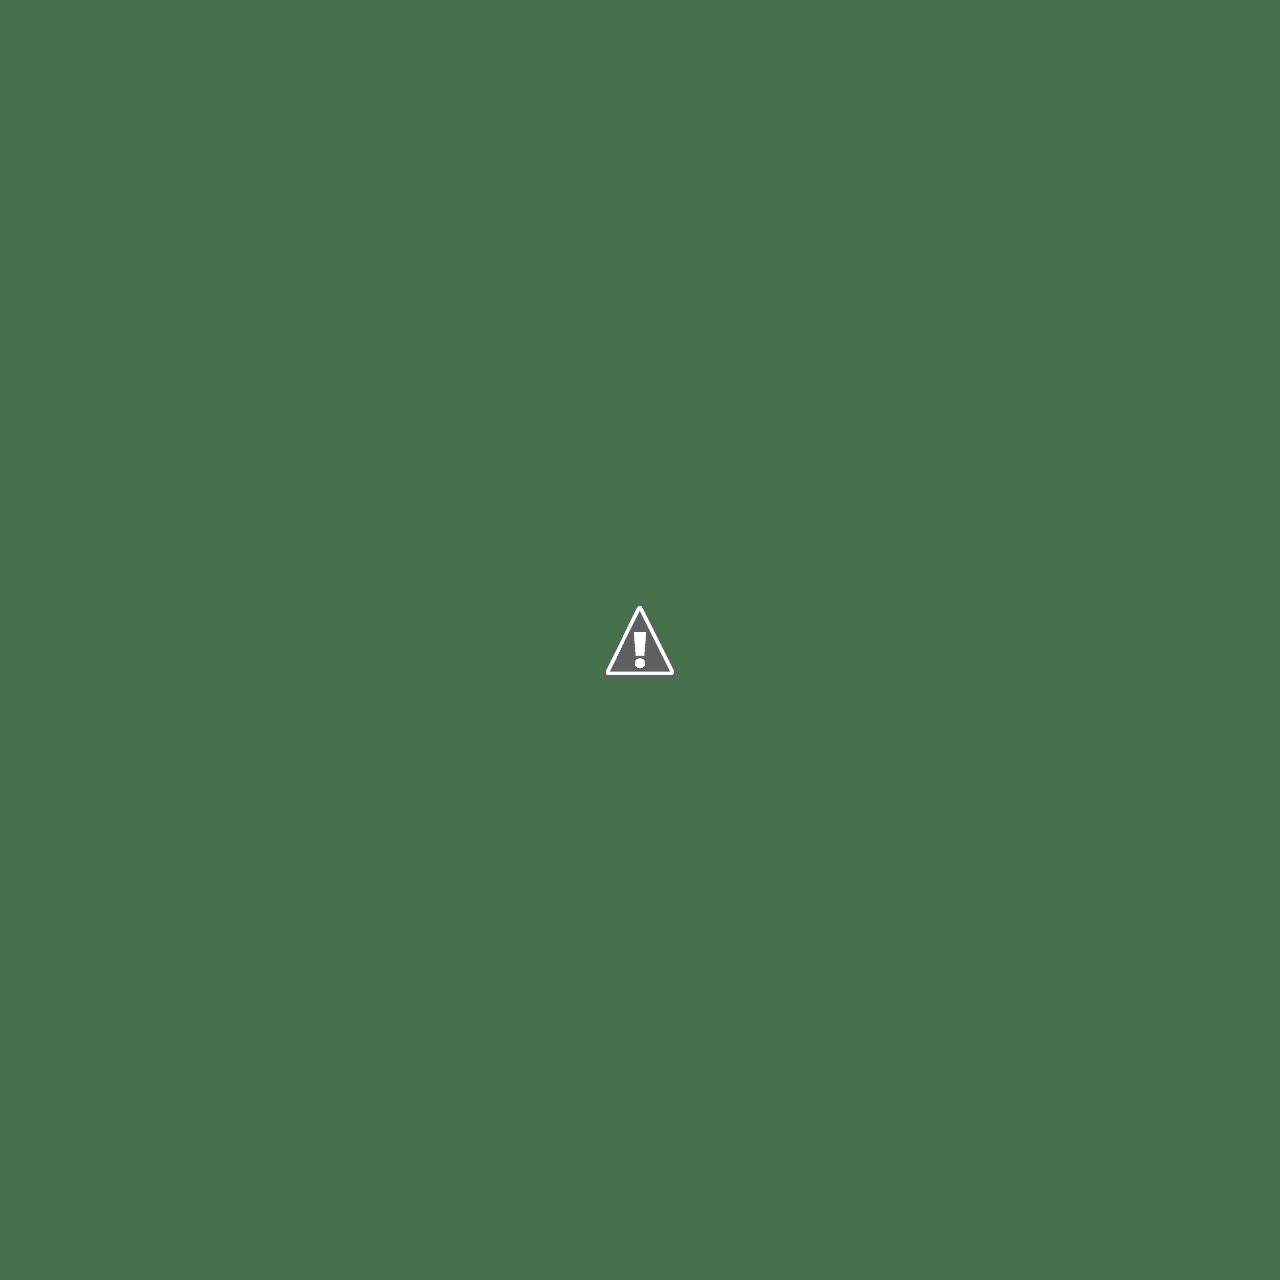 جوتن Jotun المعرض الجديد متجر دهاناj